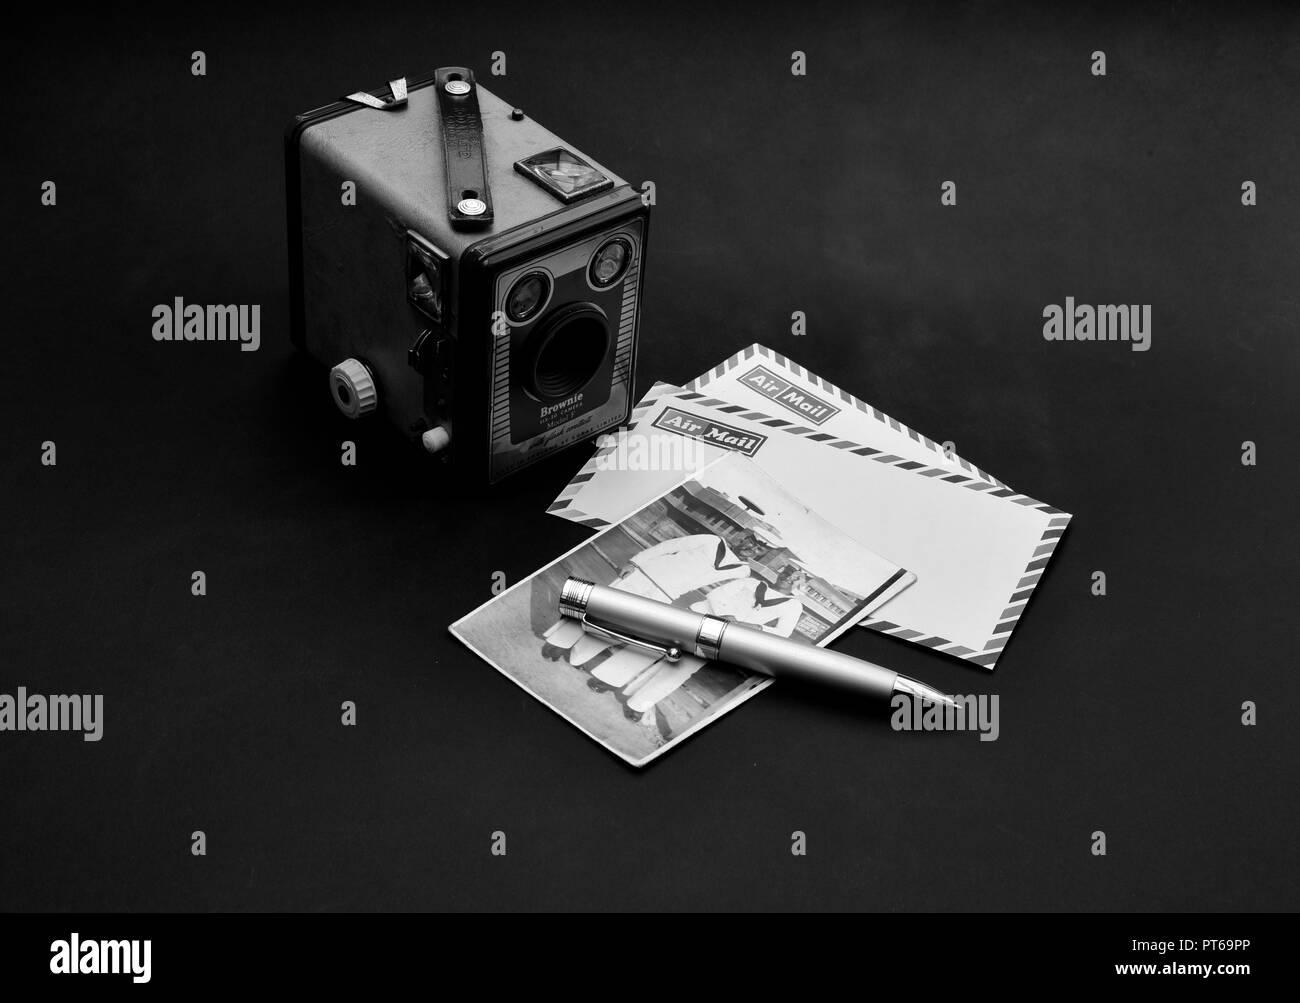 Memories - Stock Image